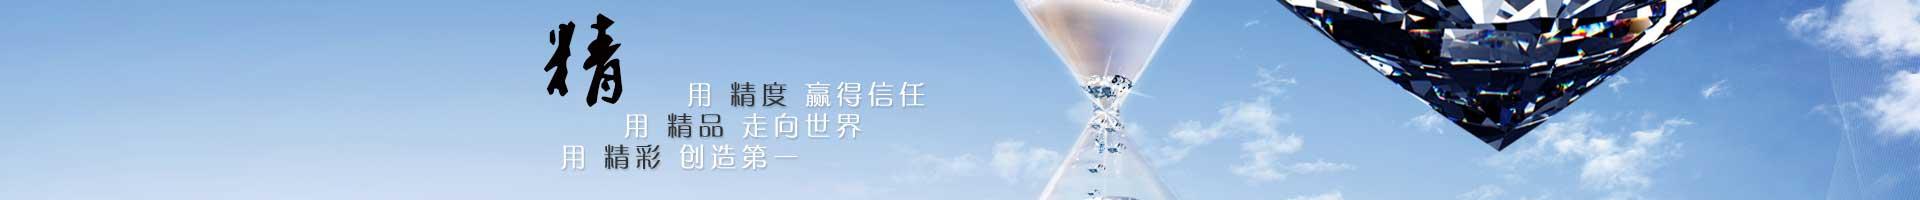 辽宁省葫芦岛市龙岗区常务副区长付国一行莅临辽联集团考察财源大数据项目